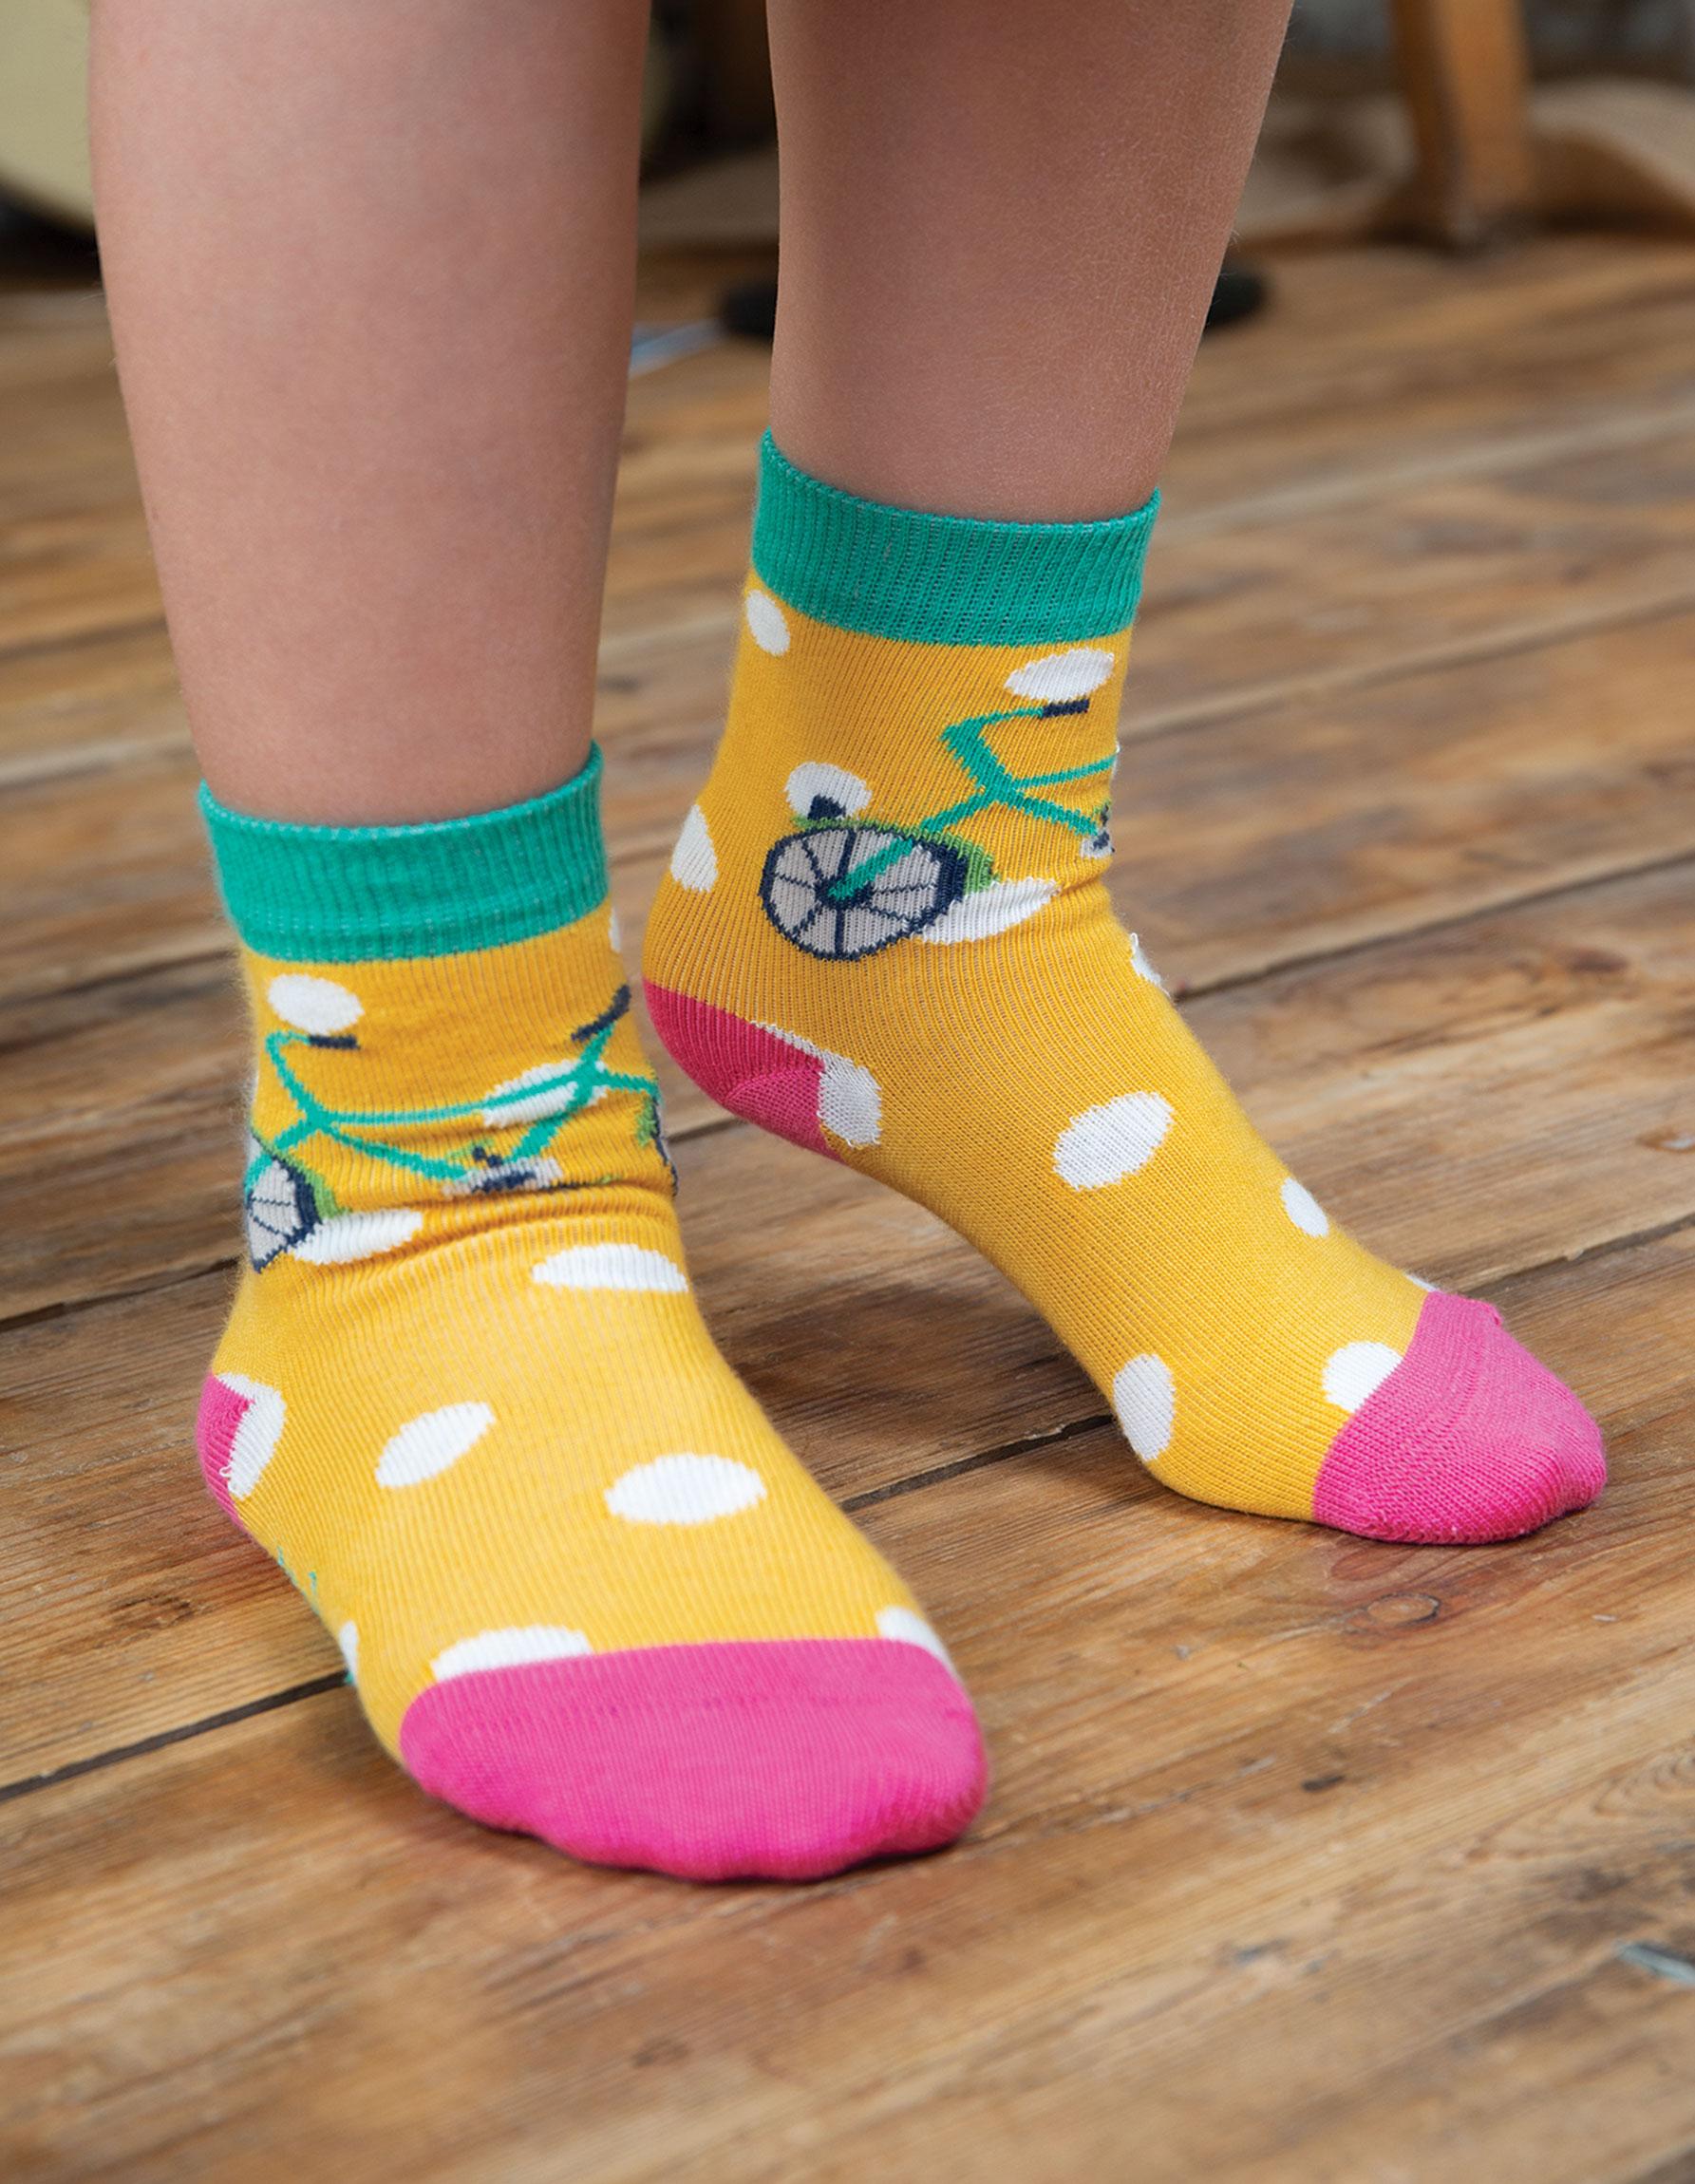 Frugi - Susie Socks 3 Pack, Transport Multipacku